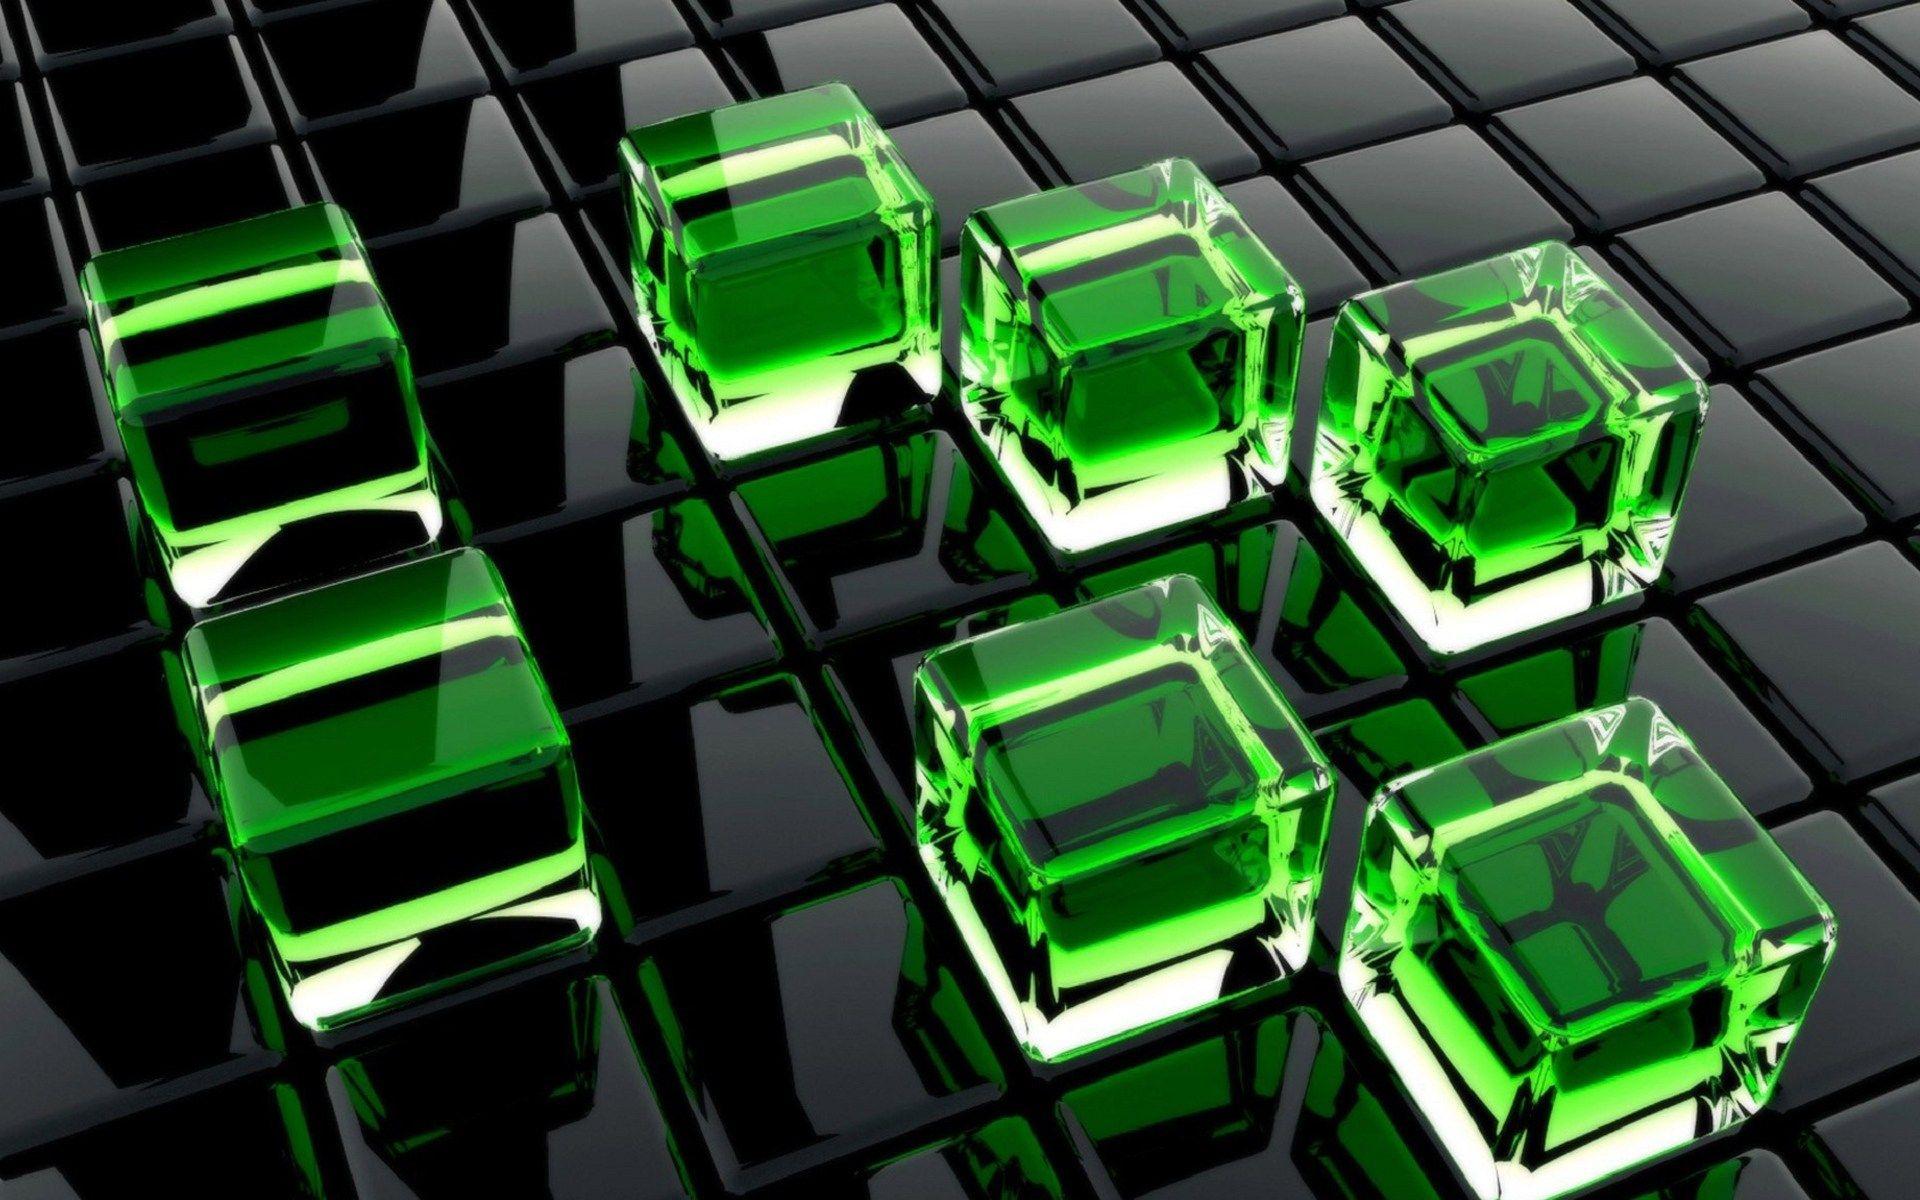 3d Cube Hd Wallpapers Free Download The Cool Art Wallpaper Digital Pemandangan Gambar